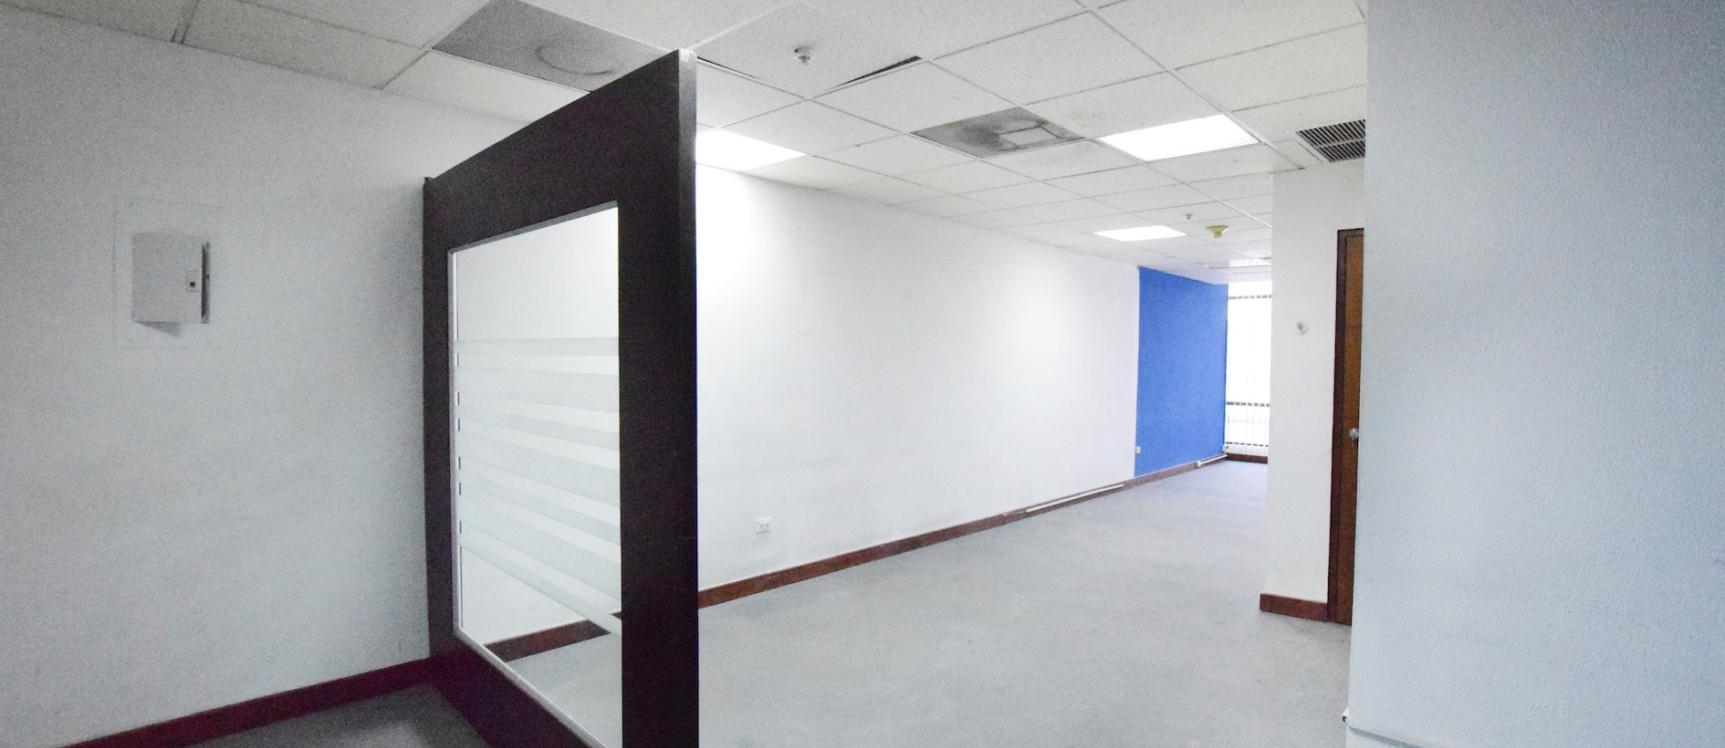 GeoBienes - Oficina en alquiler en el Edificio World Trade Center, Norte de Guayaquil - Plusvalia Guayaquil Casas de venta y alquiler Inmobiliaria Ecuador